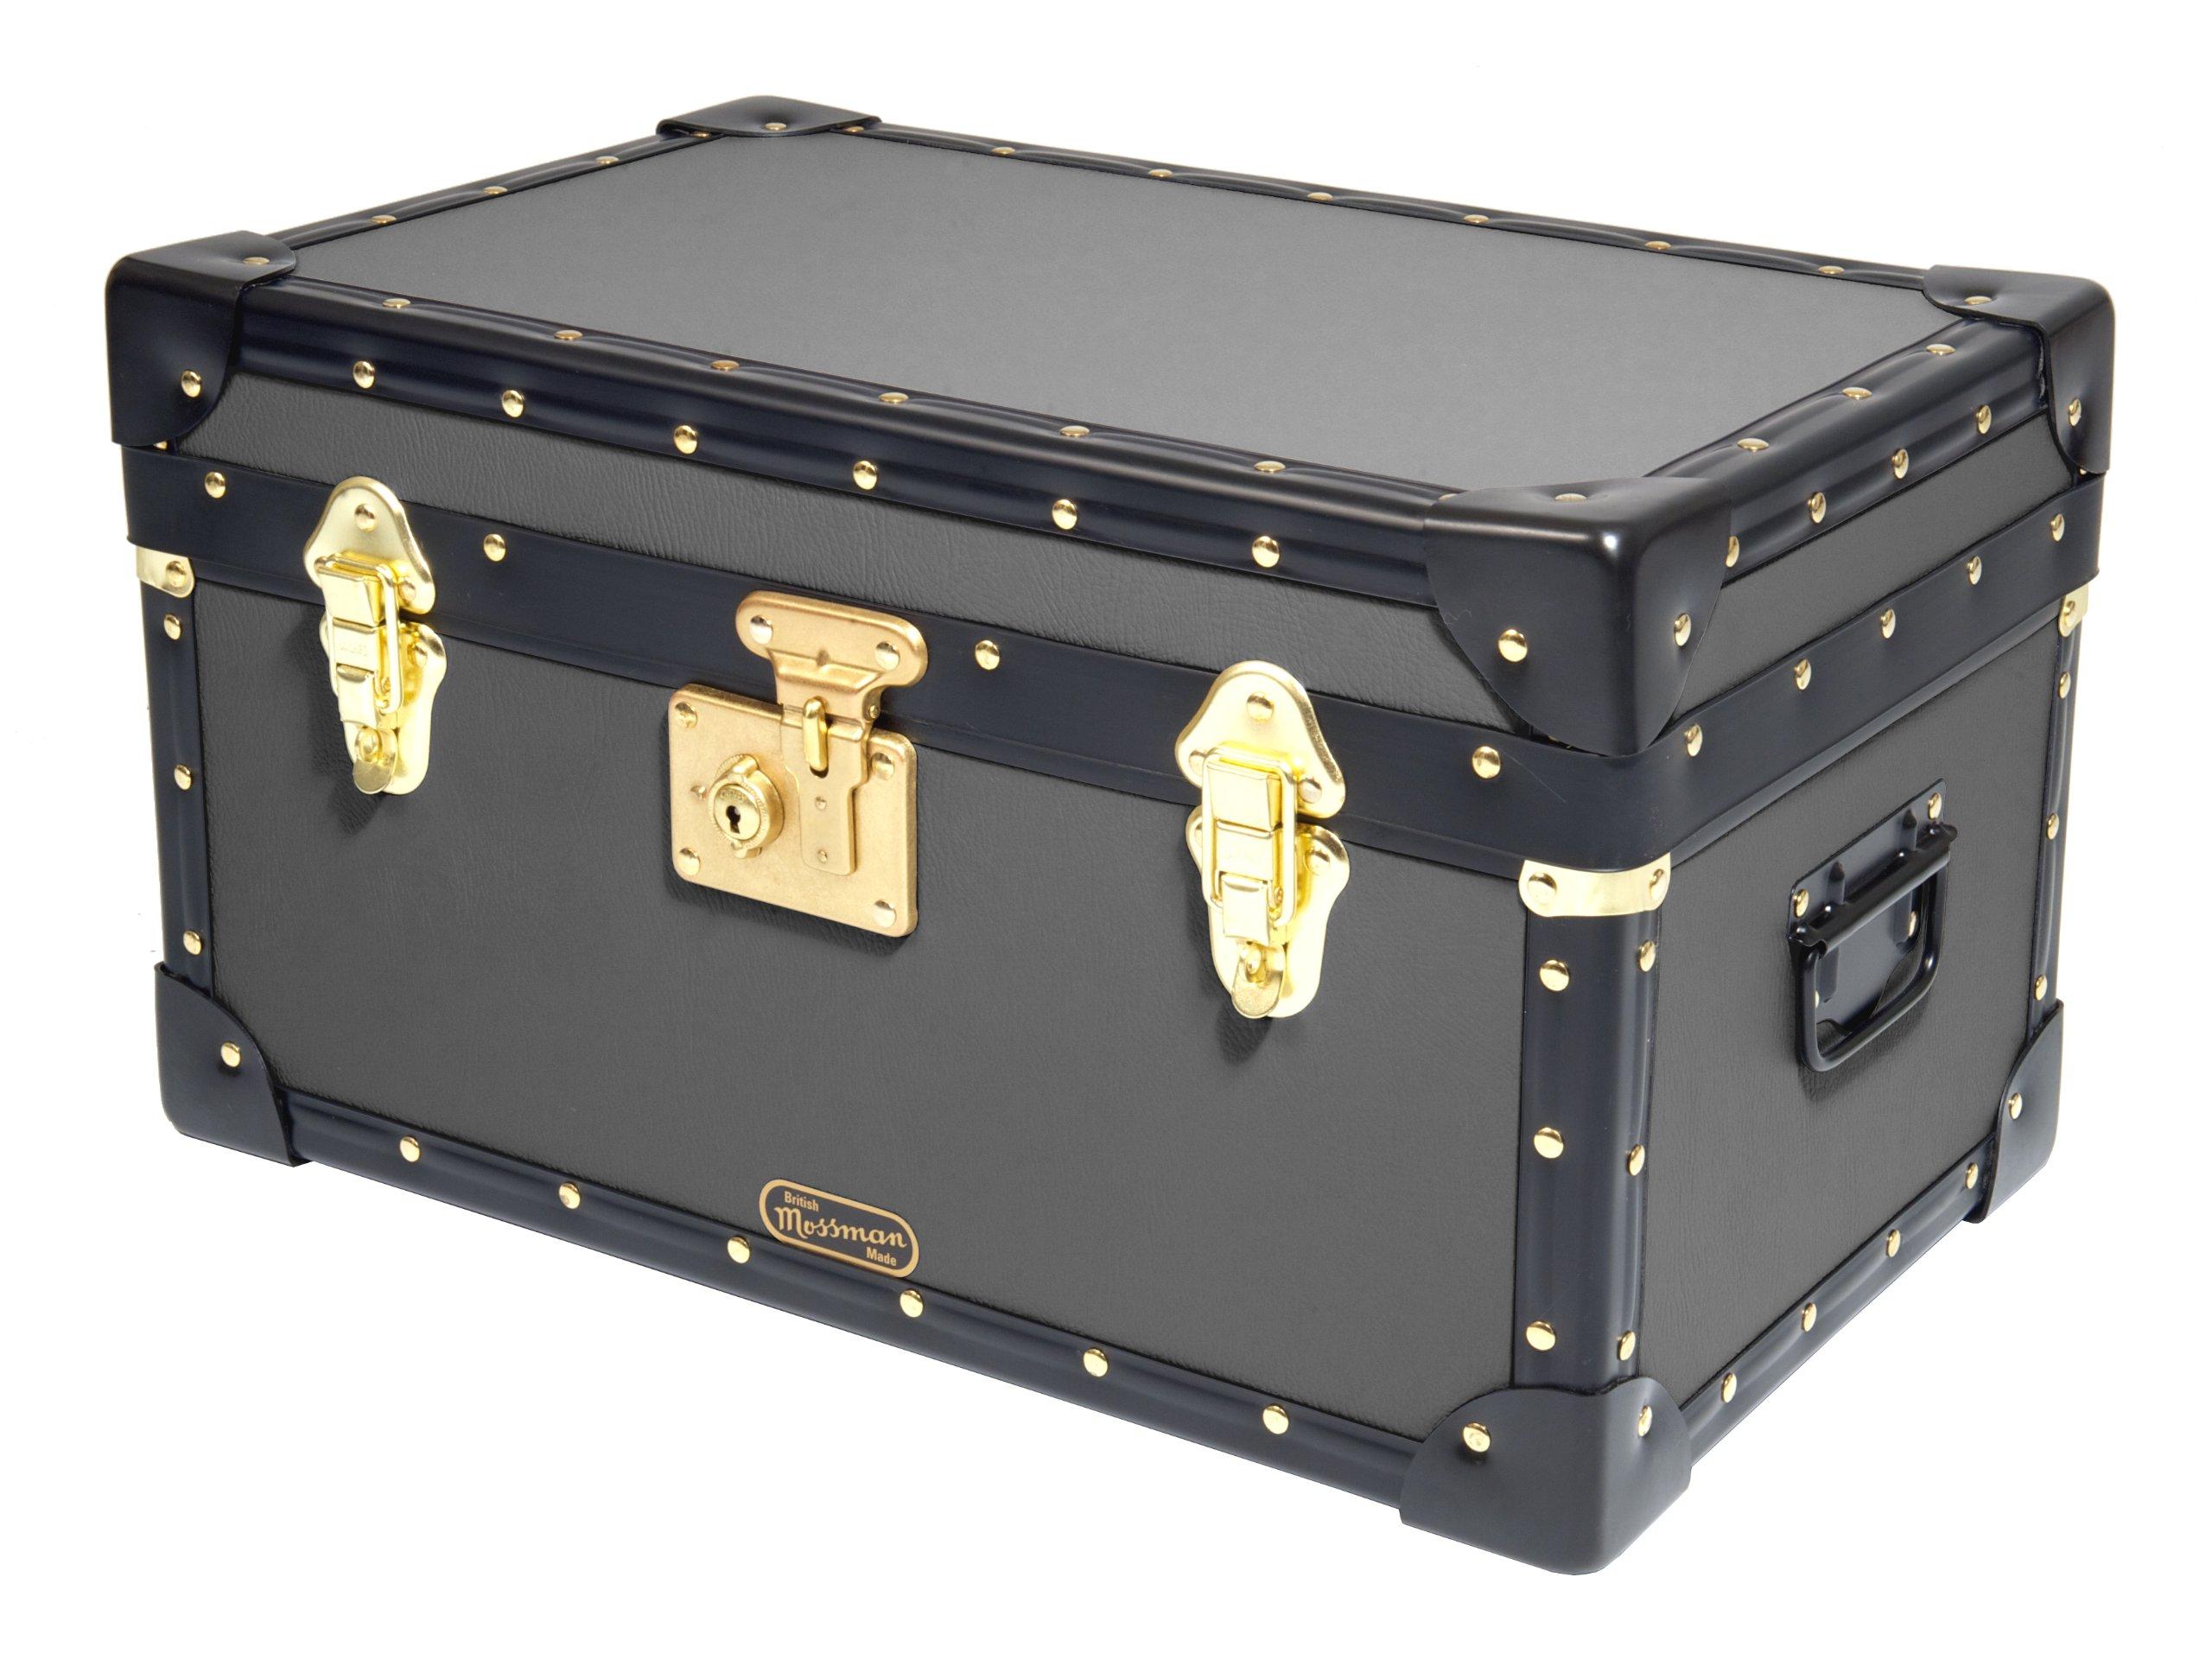 Navy Mossman Original Tuck Trunk Wood Storage Box Chest Steamer Case Home Furniture